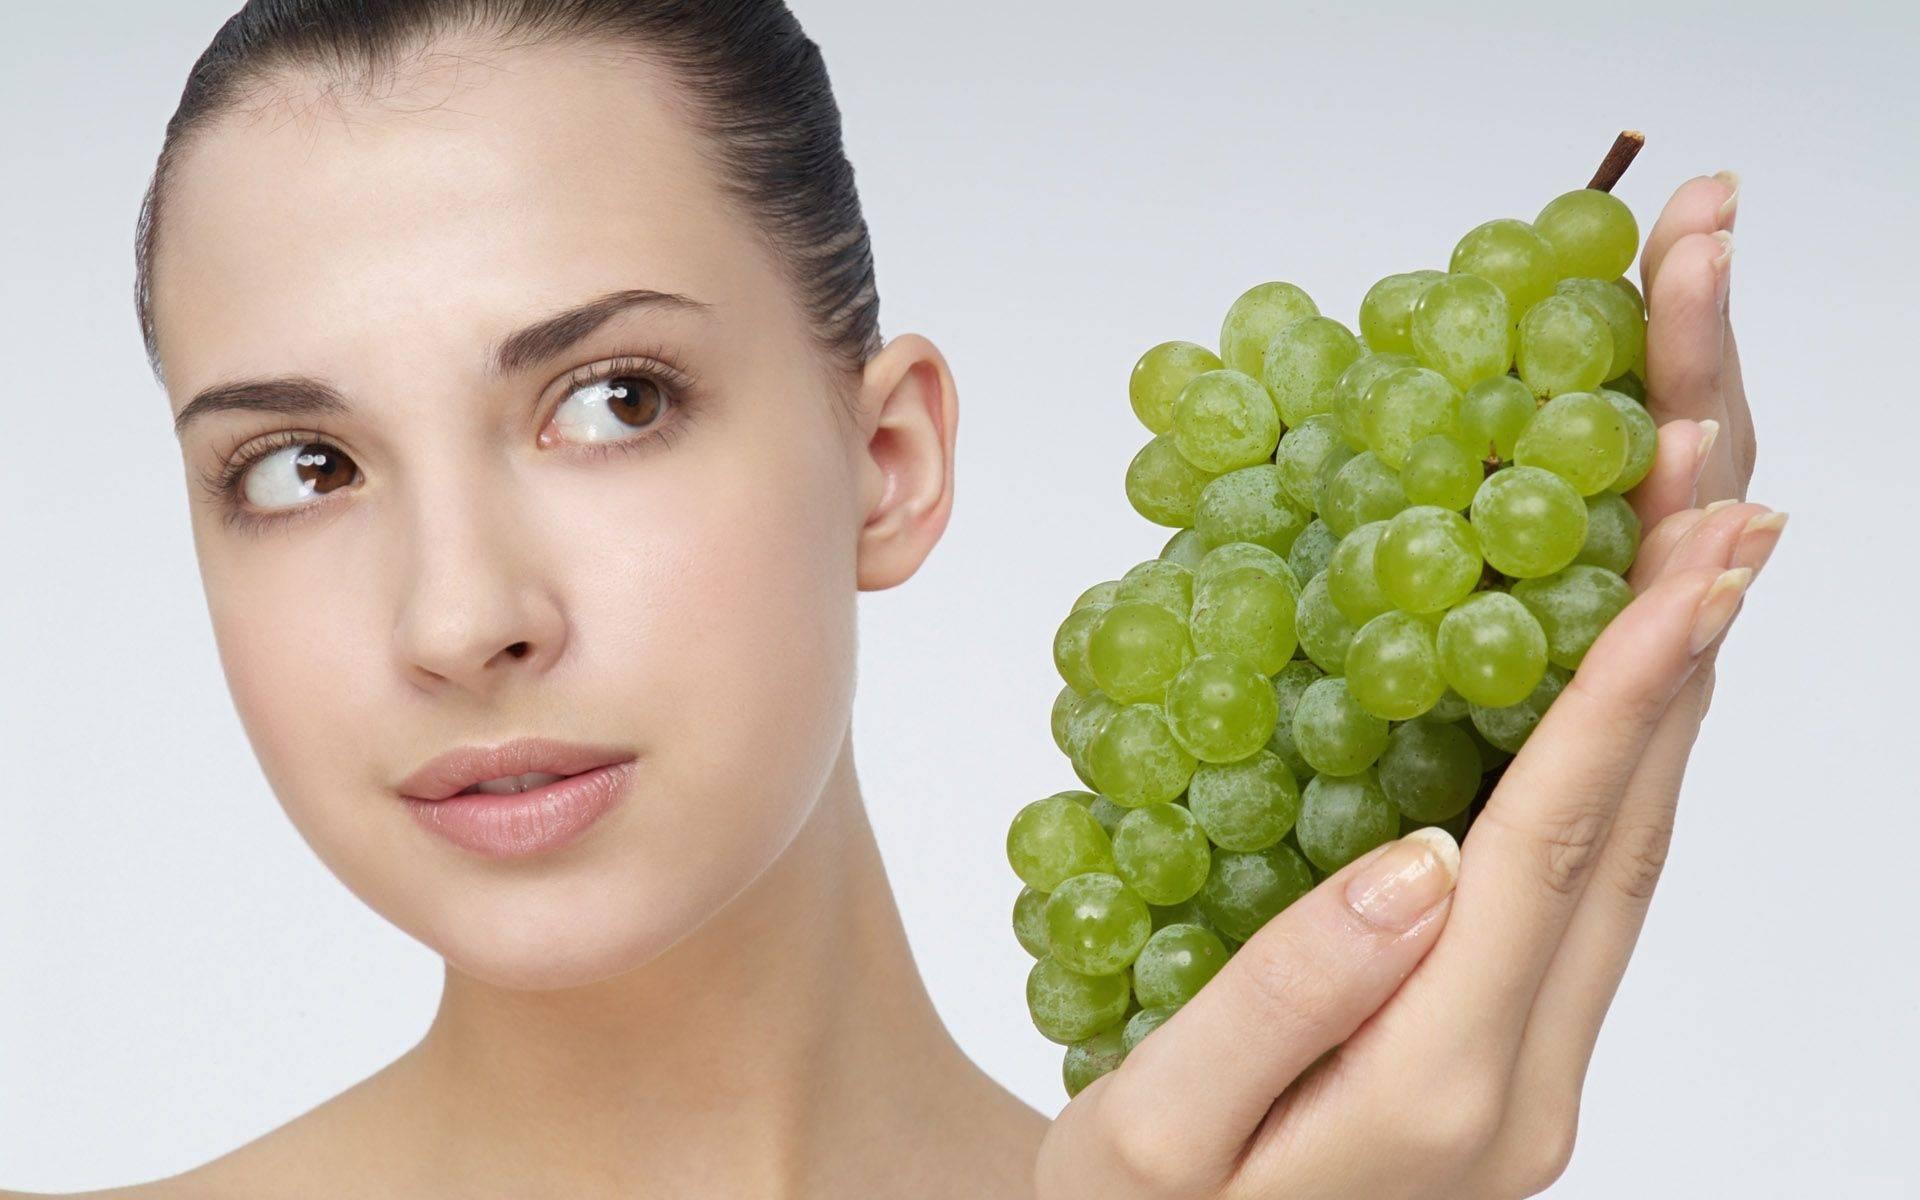 Рецепты домашнего приготовления с маслом виноградной косточки для лица.